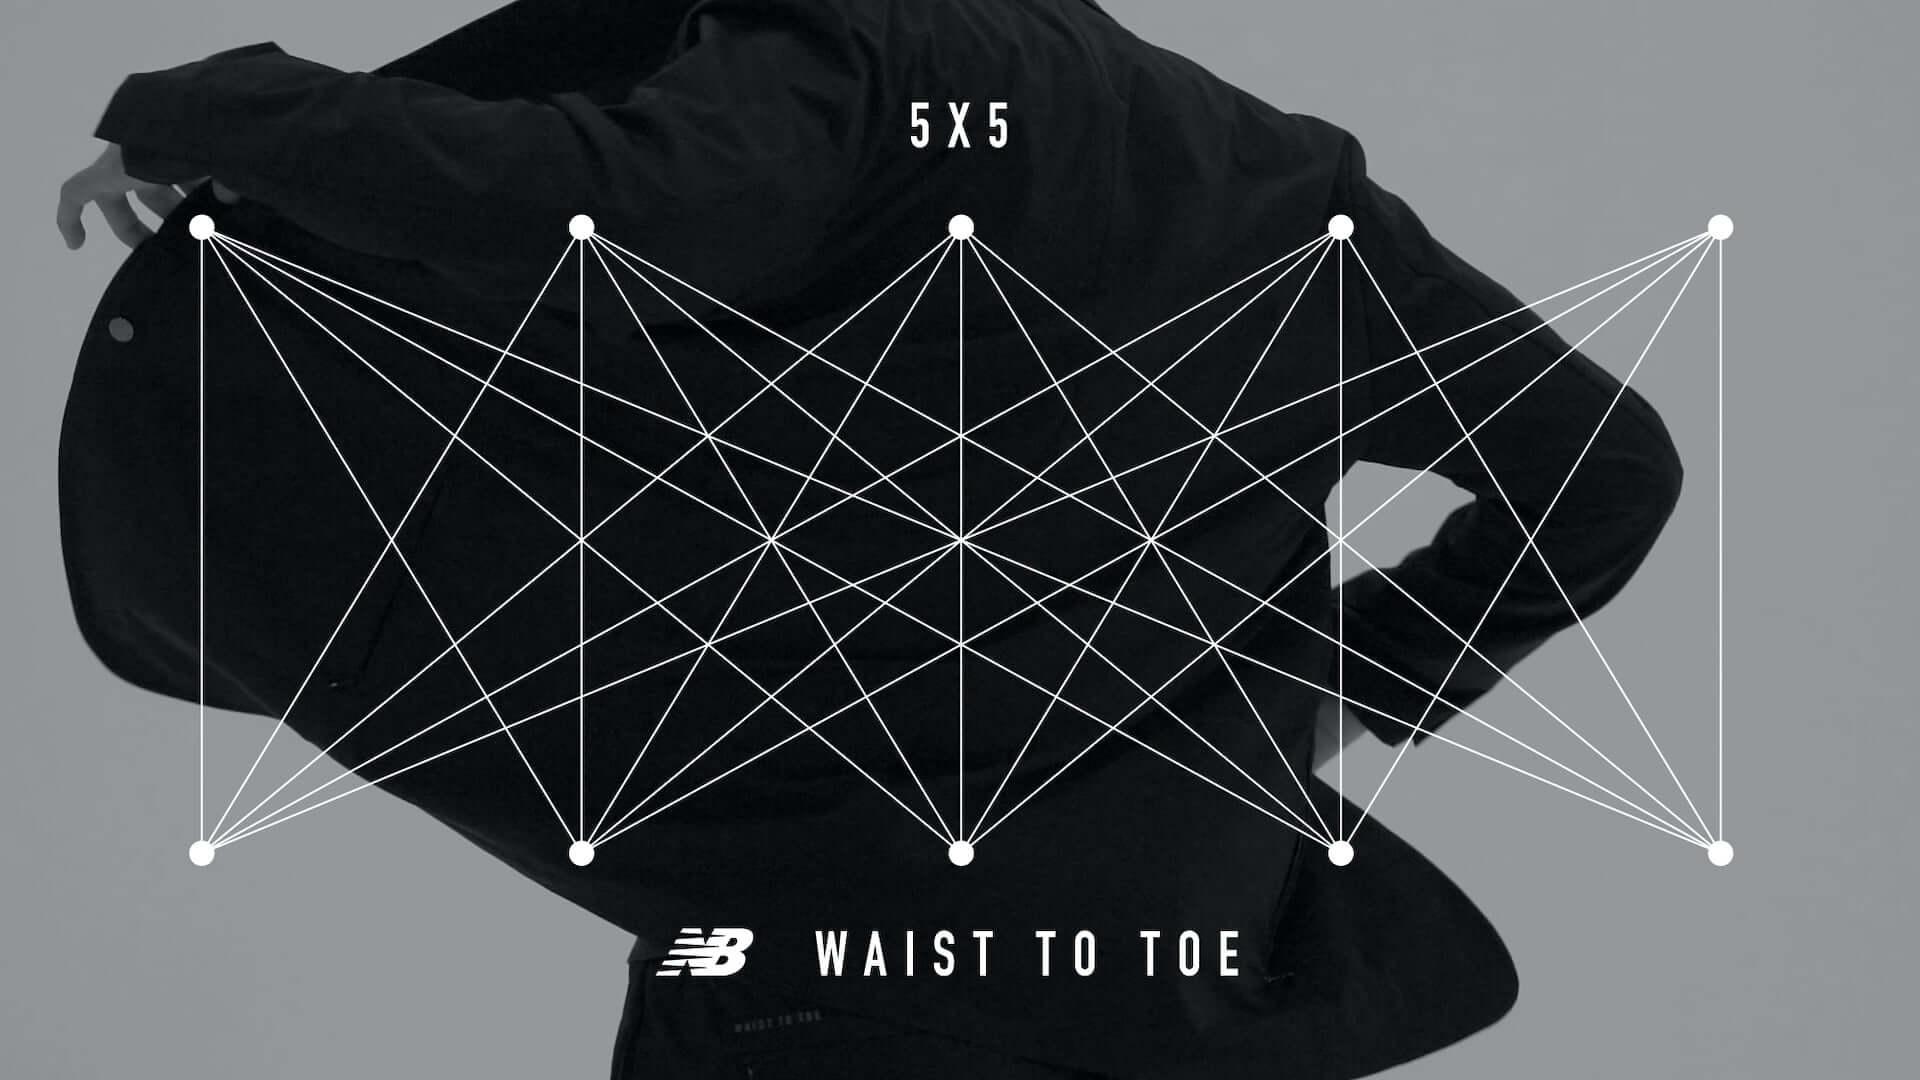 ニューバランスのパンツコレクション「WAIST TO TOE」にセットアップジャケット5型が登場!組み合わせは全25通り lf200910_newbalance_6-1920x1080